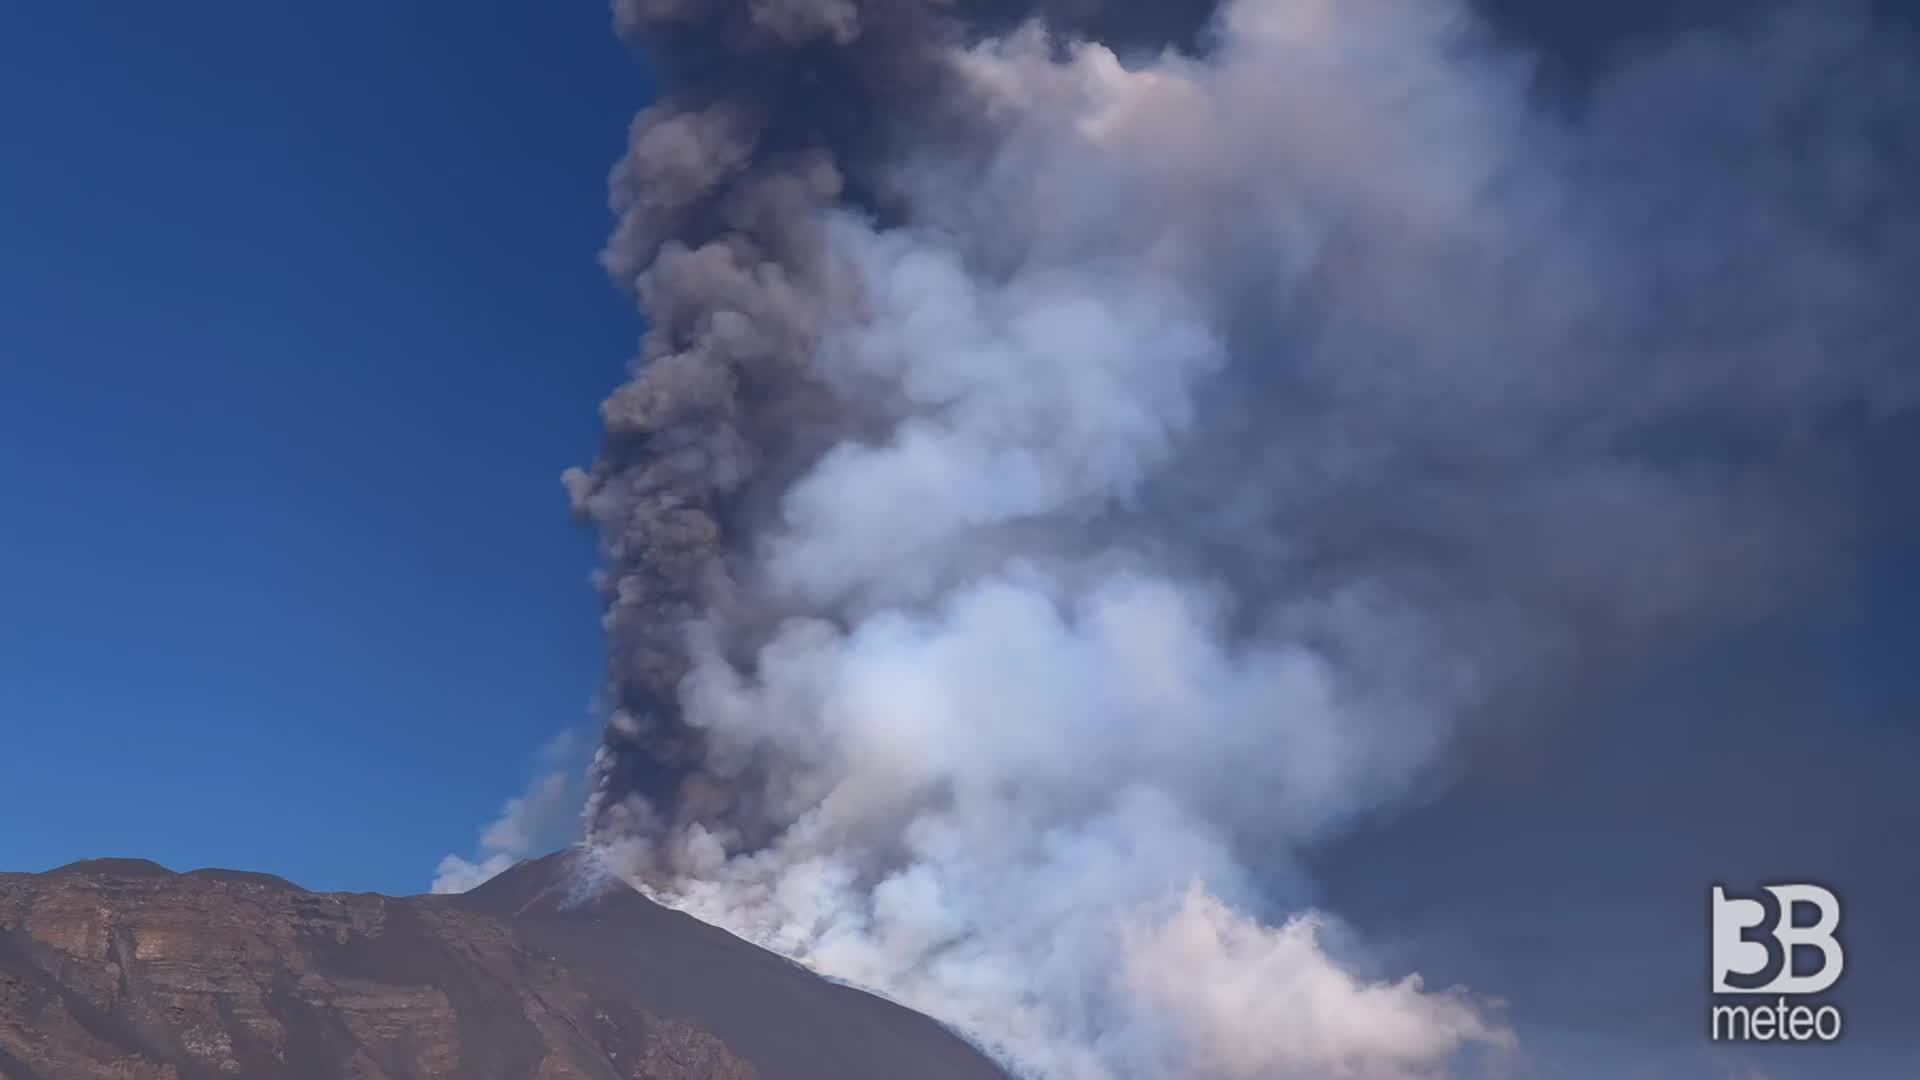 Etna, la densa nube di fumo : colonna alta 12 chlometri